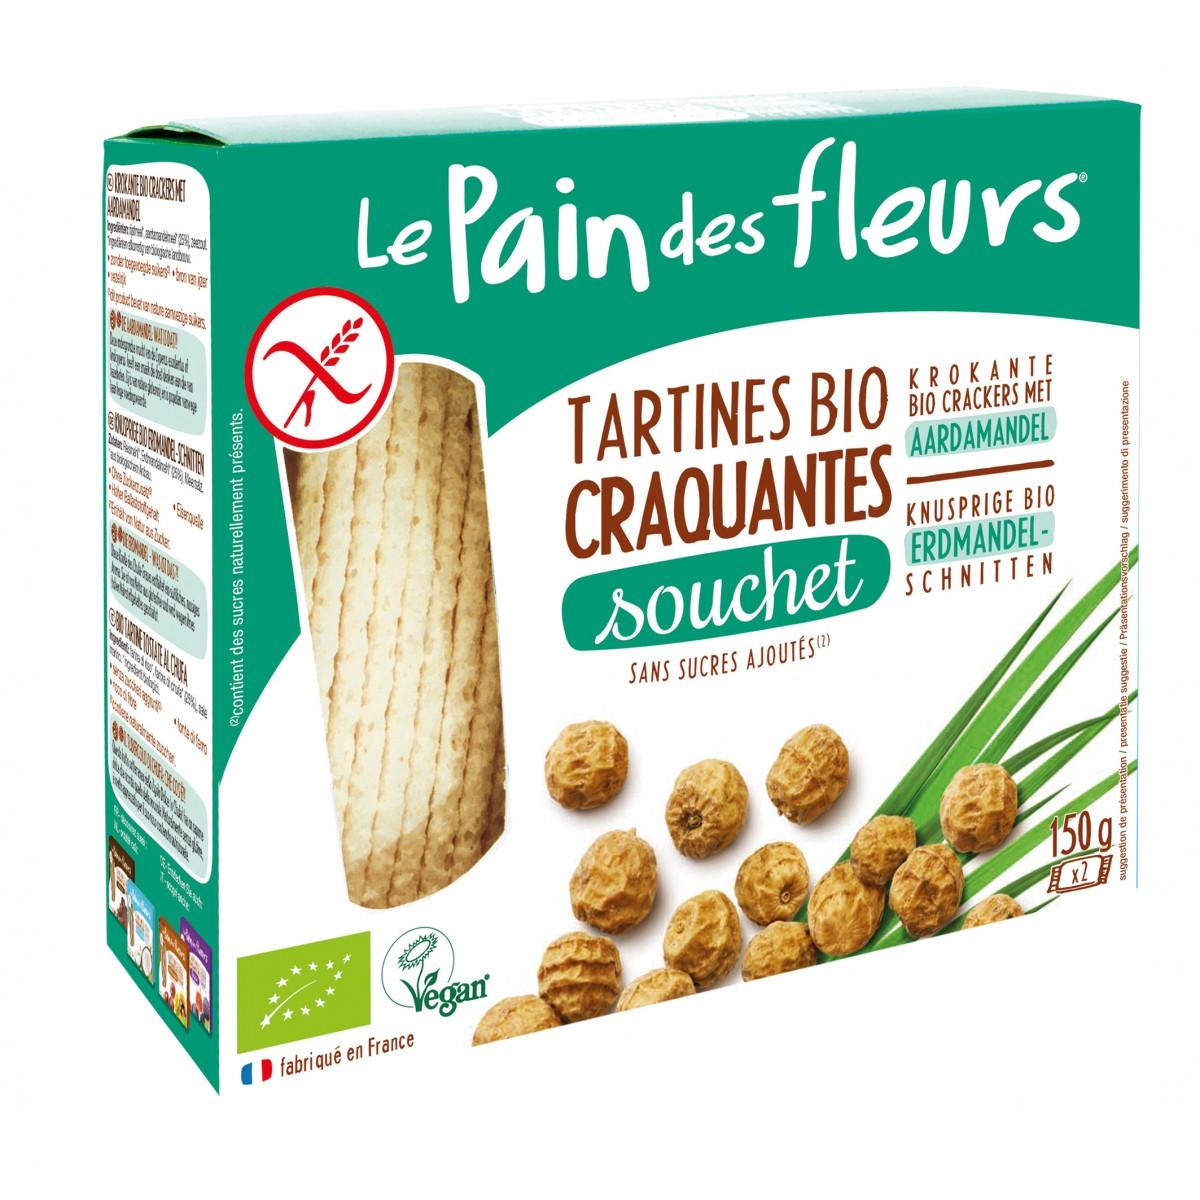 Aardamandel Crackers